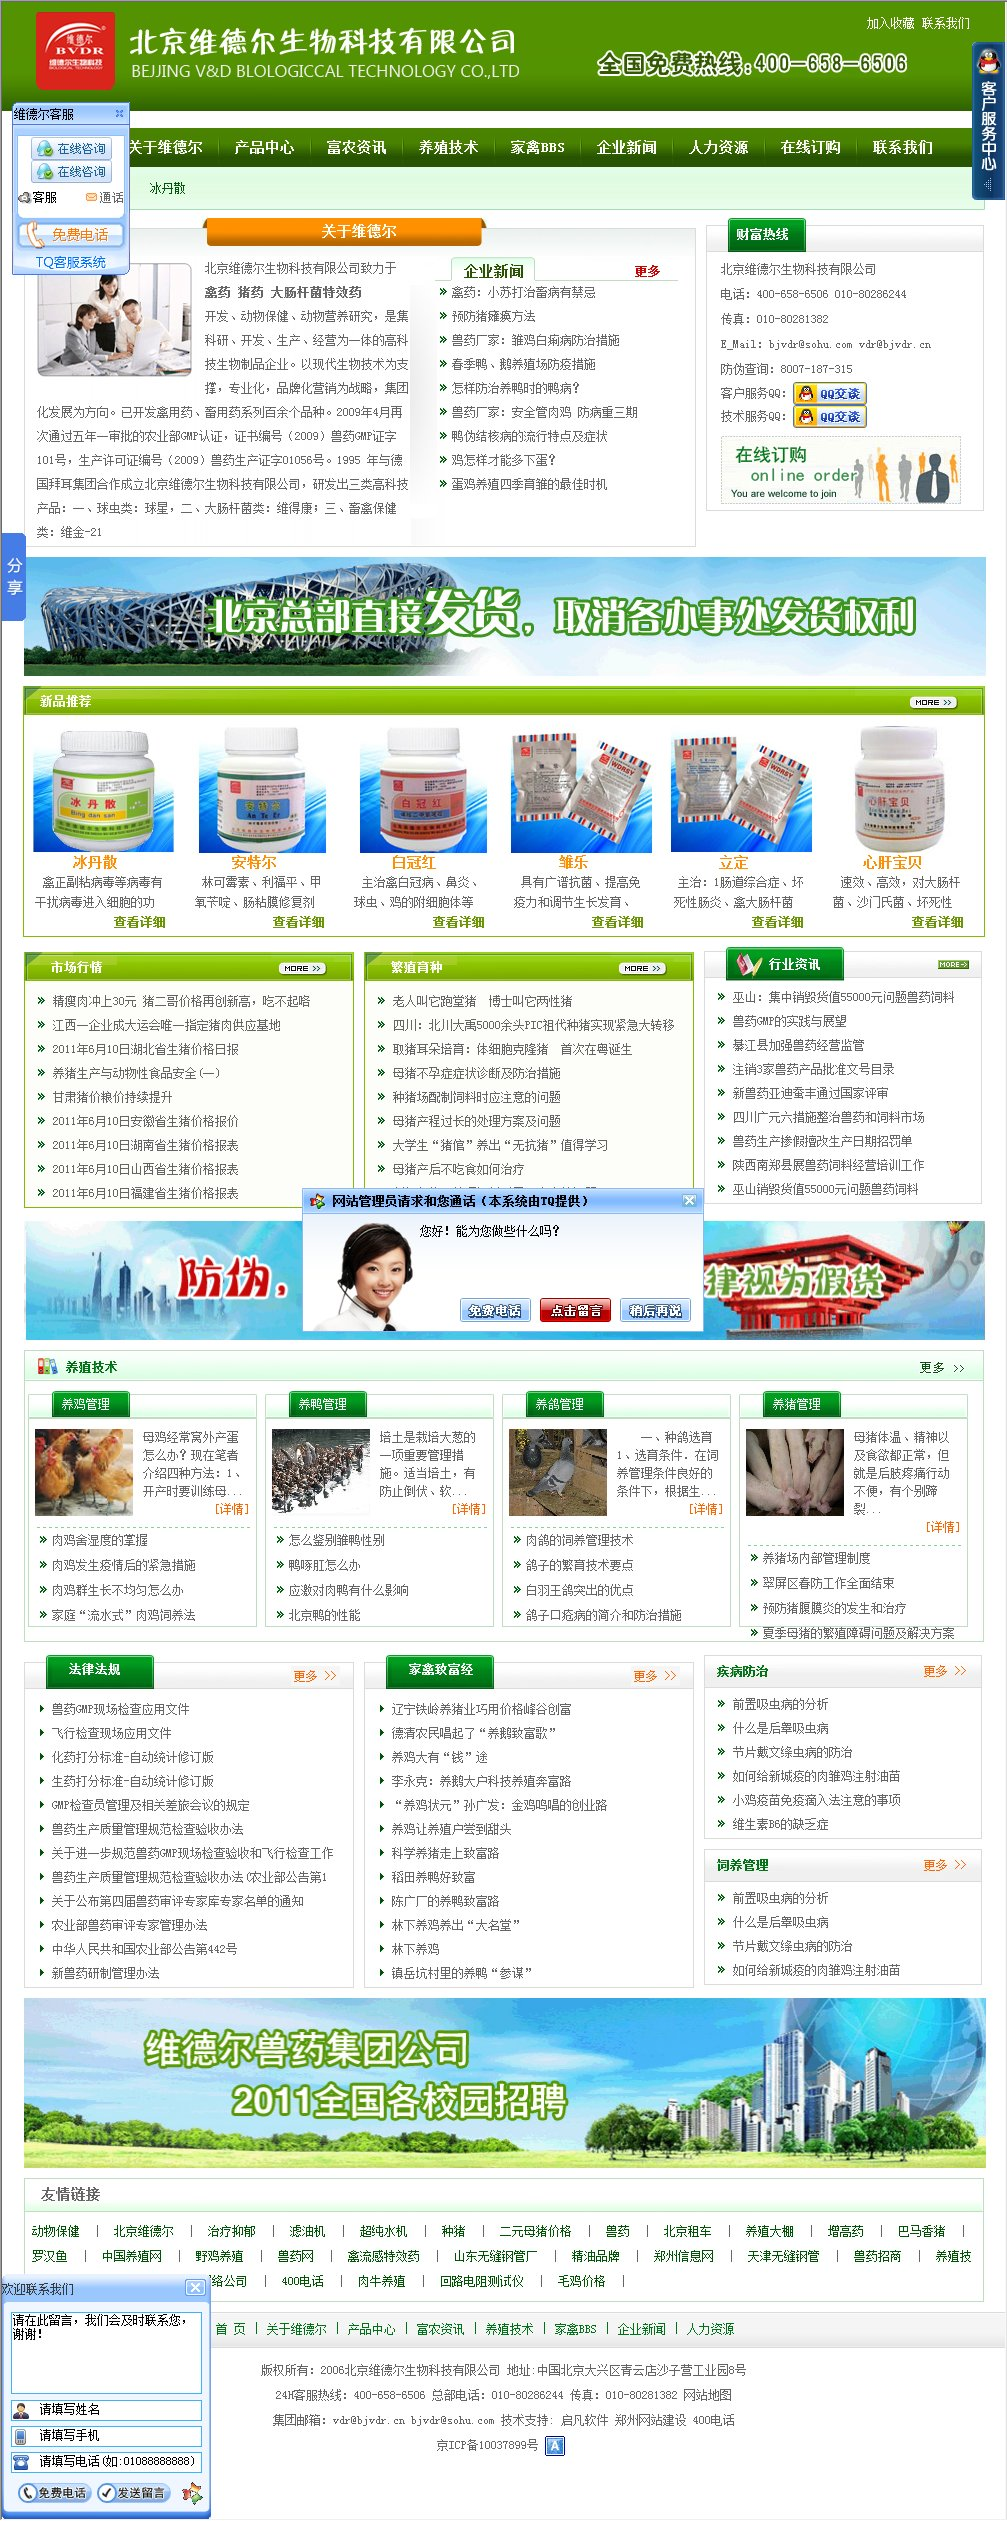 北京�S德��生物科技有限公司.jpg